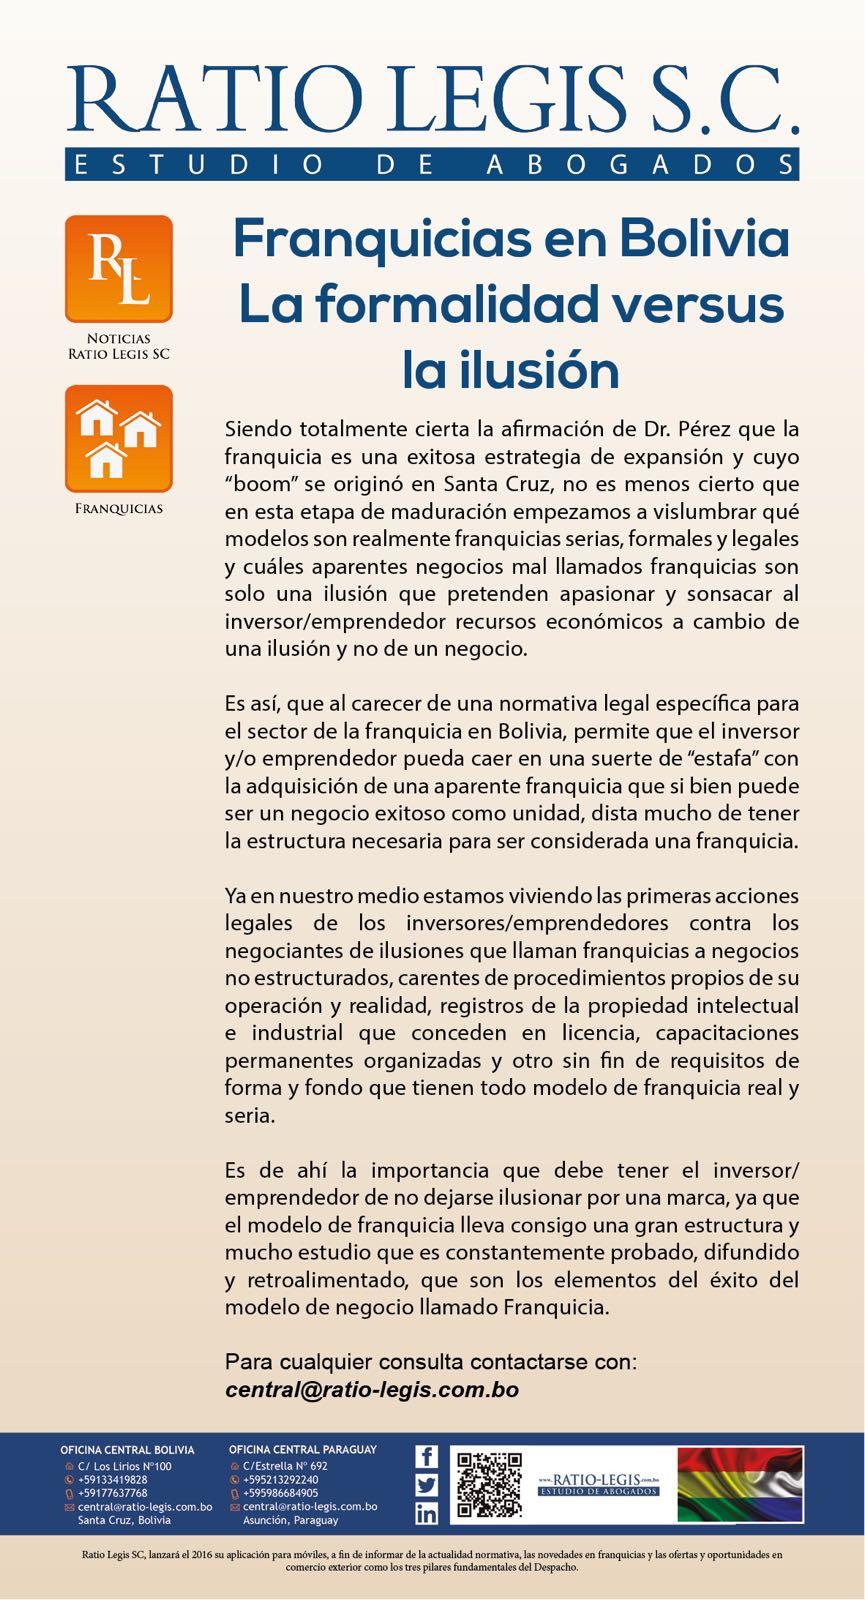 (Español) Franquicias en Bolivia. La formalidad versus la ilusión